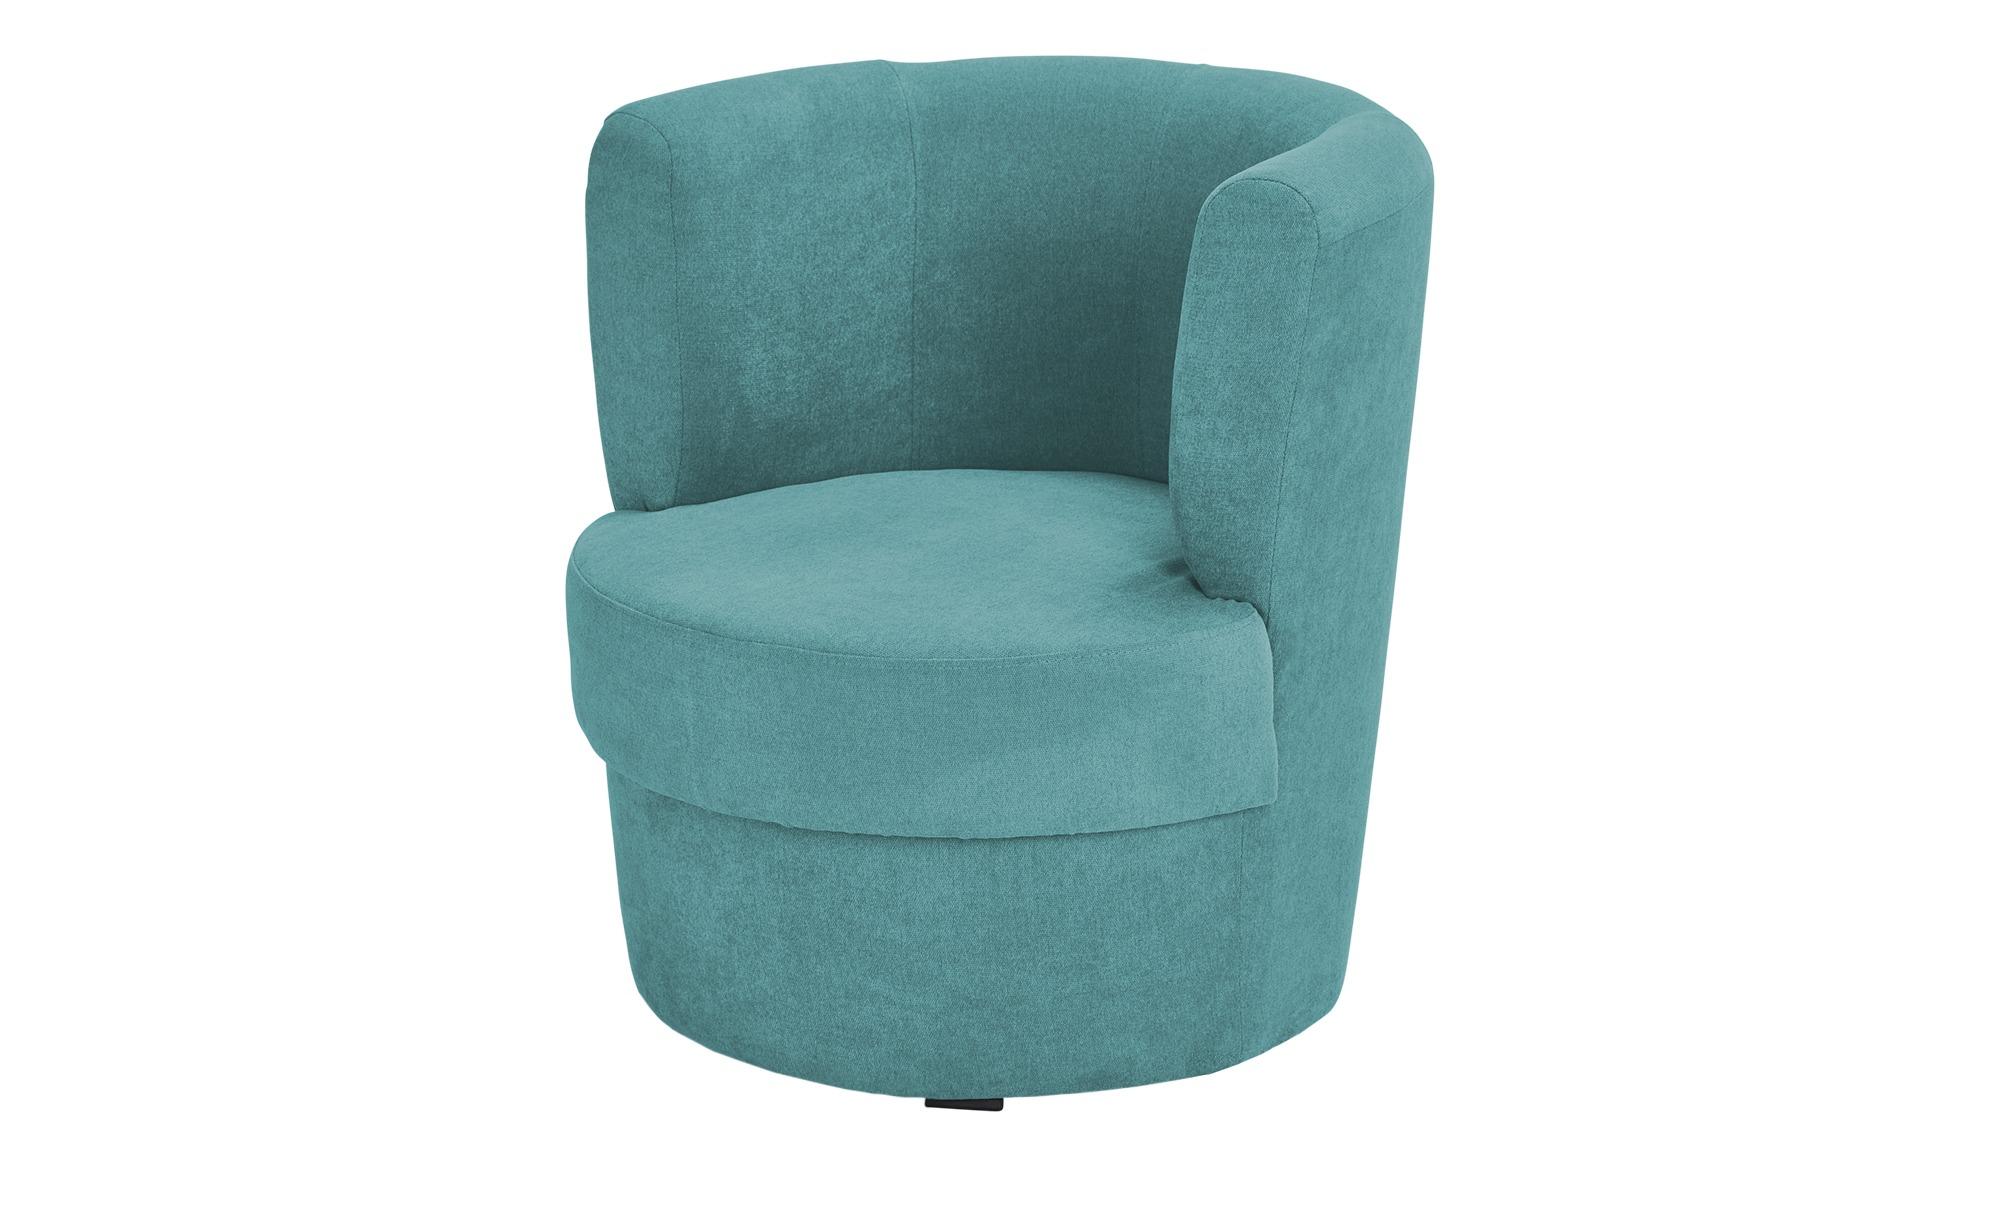 smart Sessel  Marina - türkis/petrol - 60 cm - 69 cm - 60 cm - Polstermöbel > Sessel > Cocktailsessel - Möbel Kraft | Wohnzimmer > Sessel > Cocktailsessel & Clubsessel | smart